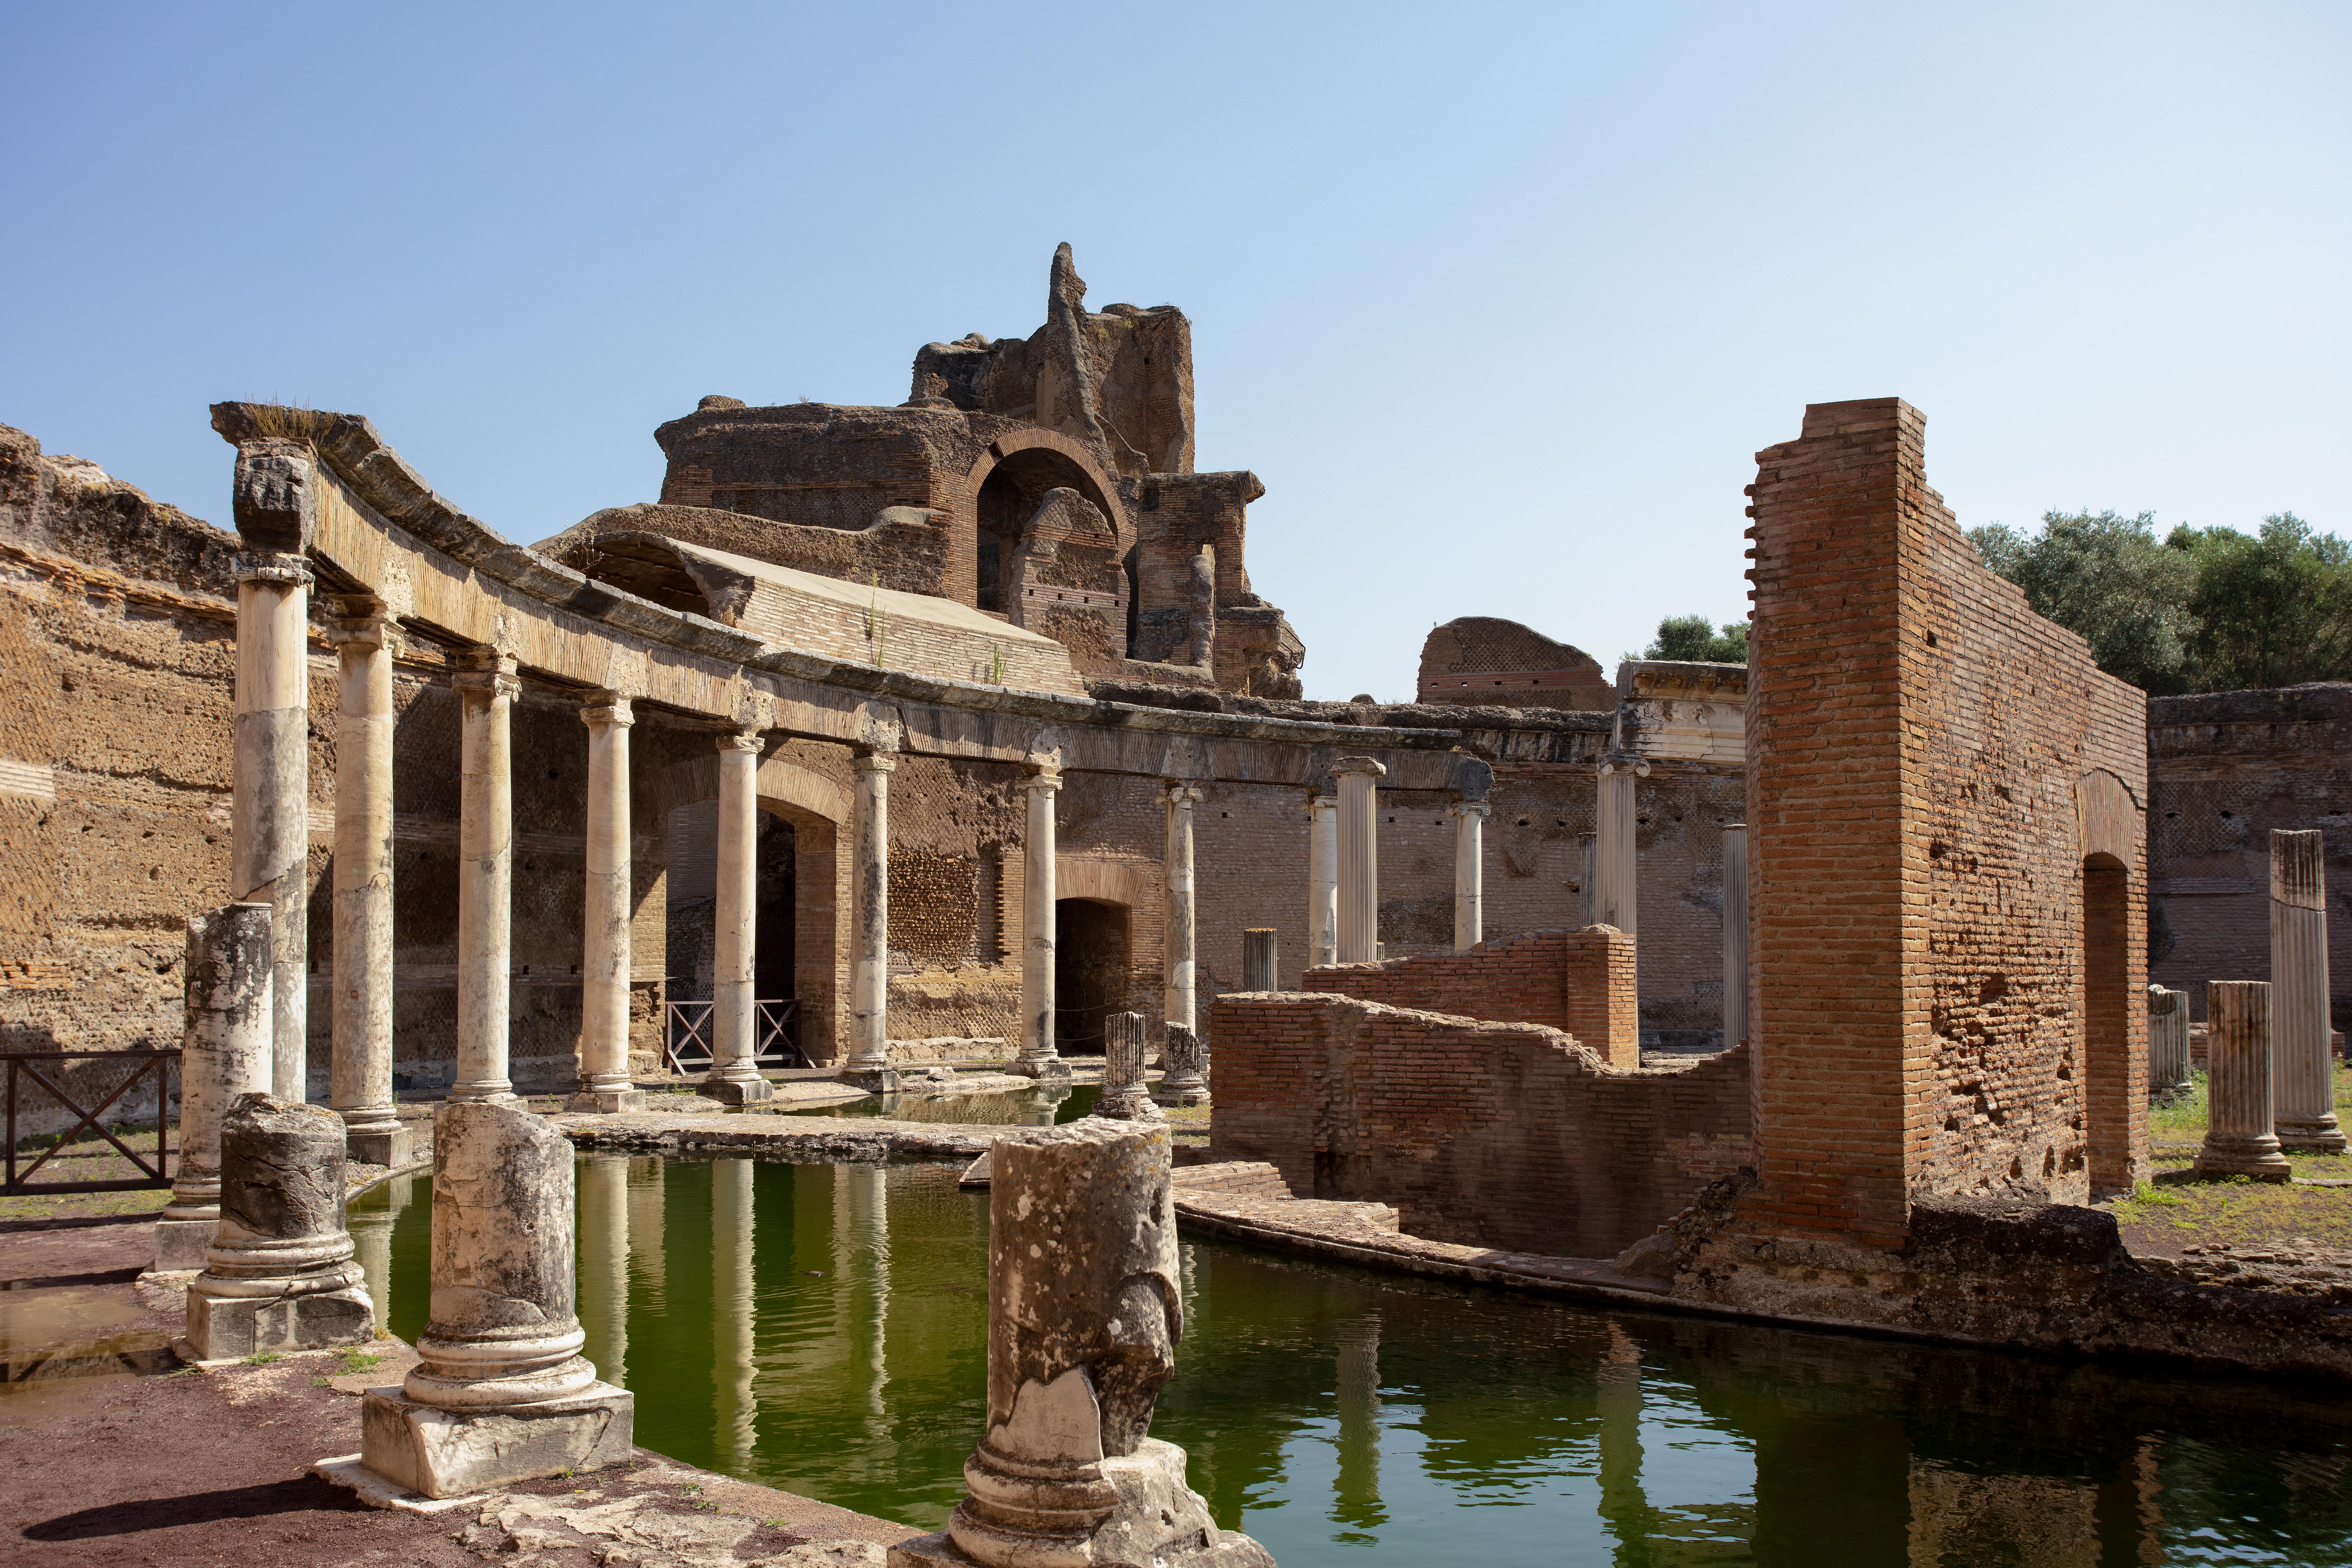 Cea mai luxoasă sală de banchet din imperiul roman, descoperită de arheologi la Tivoli